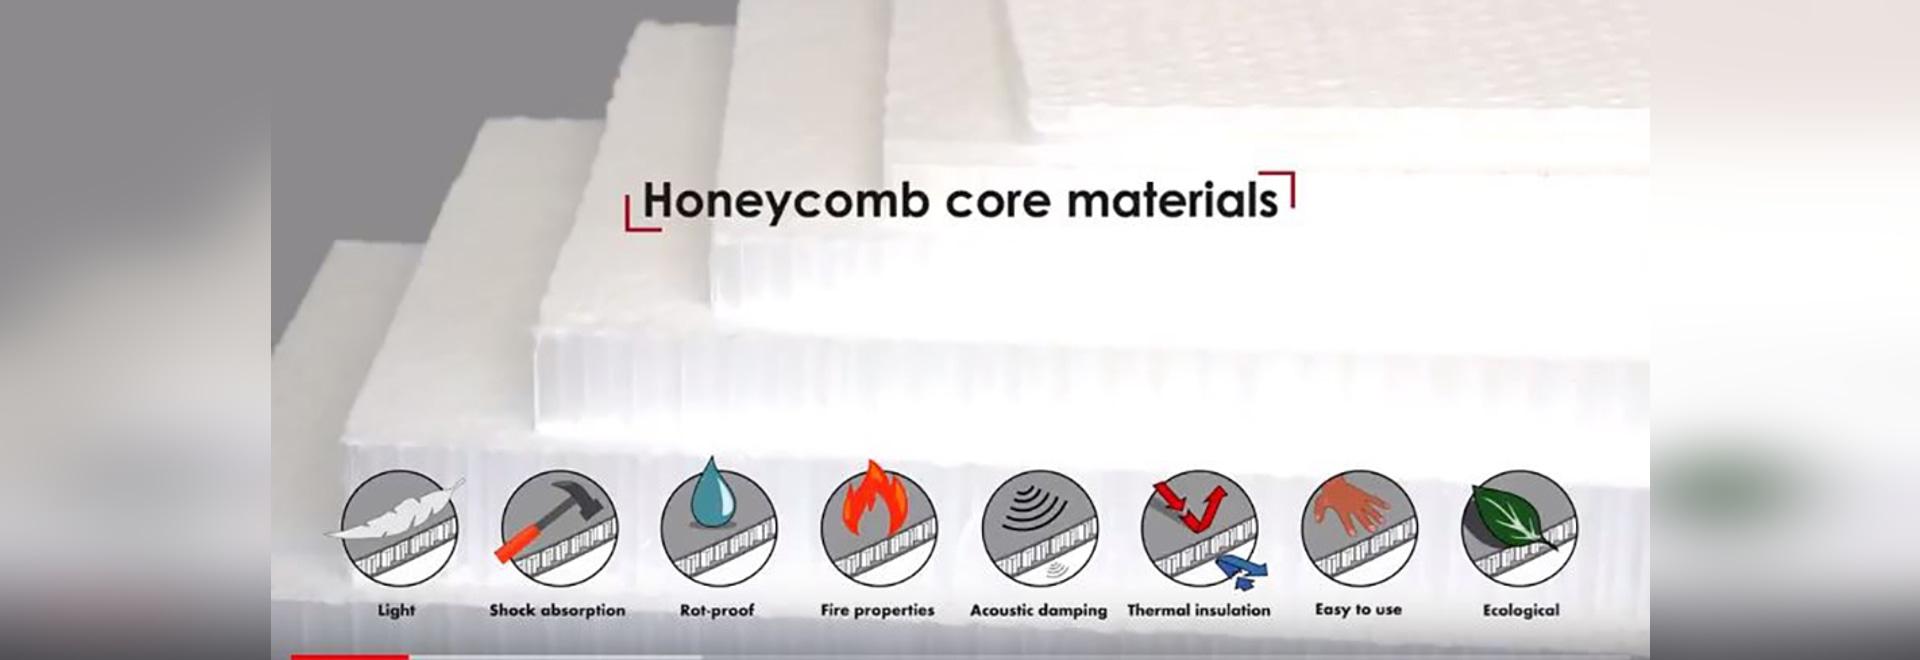 Découvrez les produits, les services, les applications avec des panneaux en nid d'abeilles